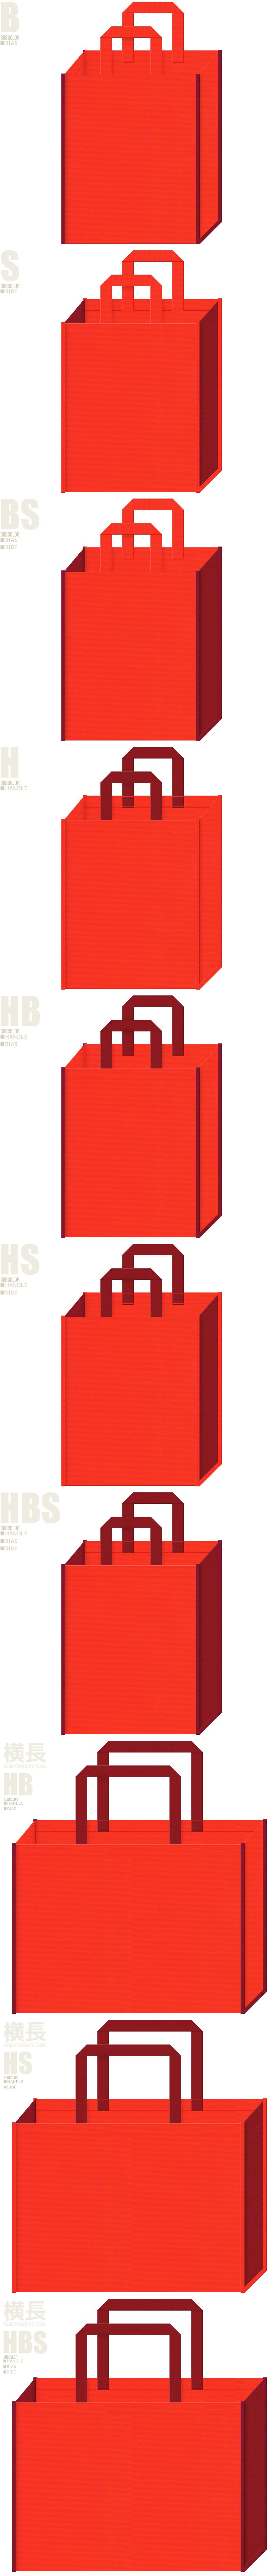 アウトドア・バーベキュー・ランタン・キャンプ用品・スポーツイベントにお奨めの不織布バッグデザイン:オレンジ色とエンジ色の配色7パターン